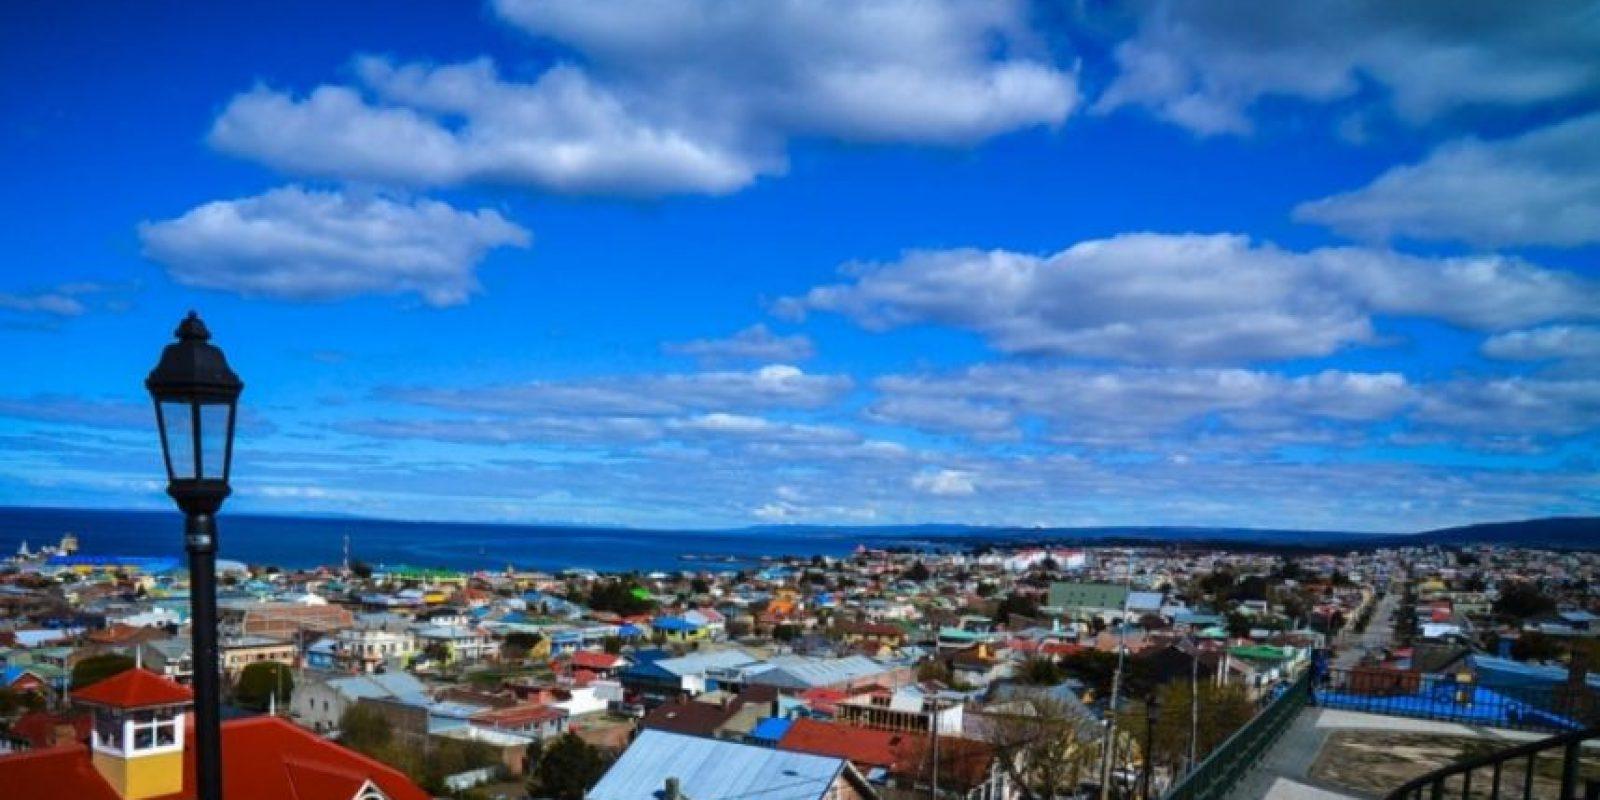 País: Chile / Categoría: Alma de la Ciudad Foto:Ana Belen